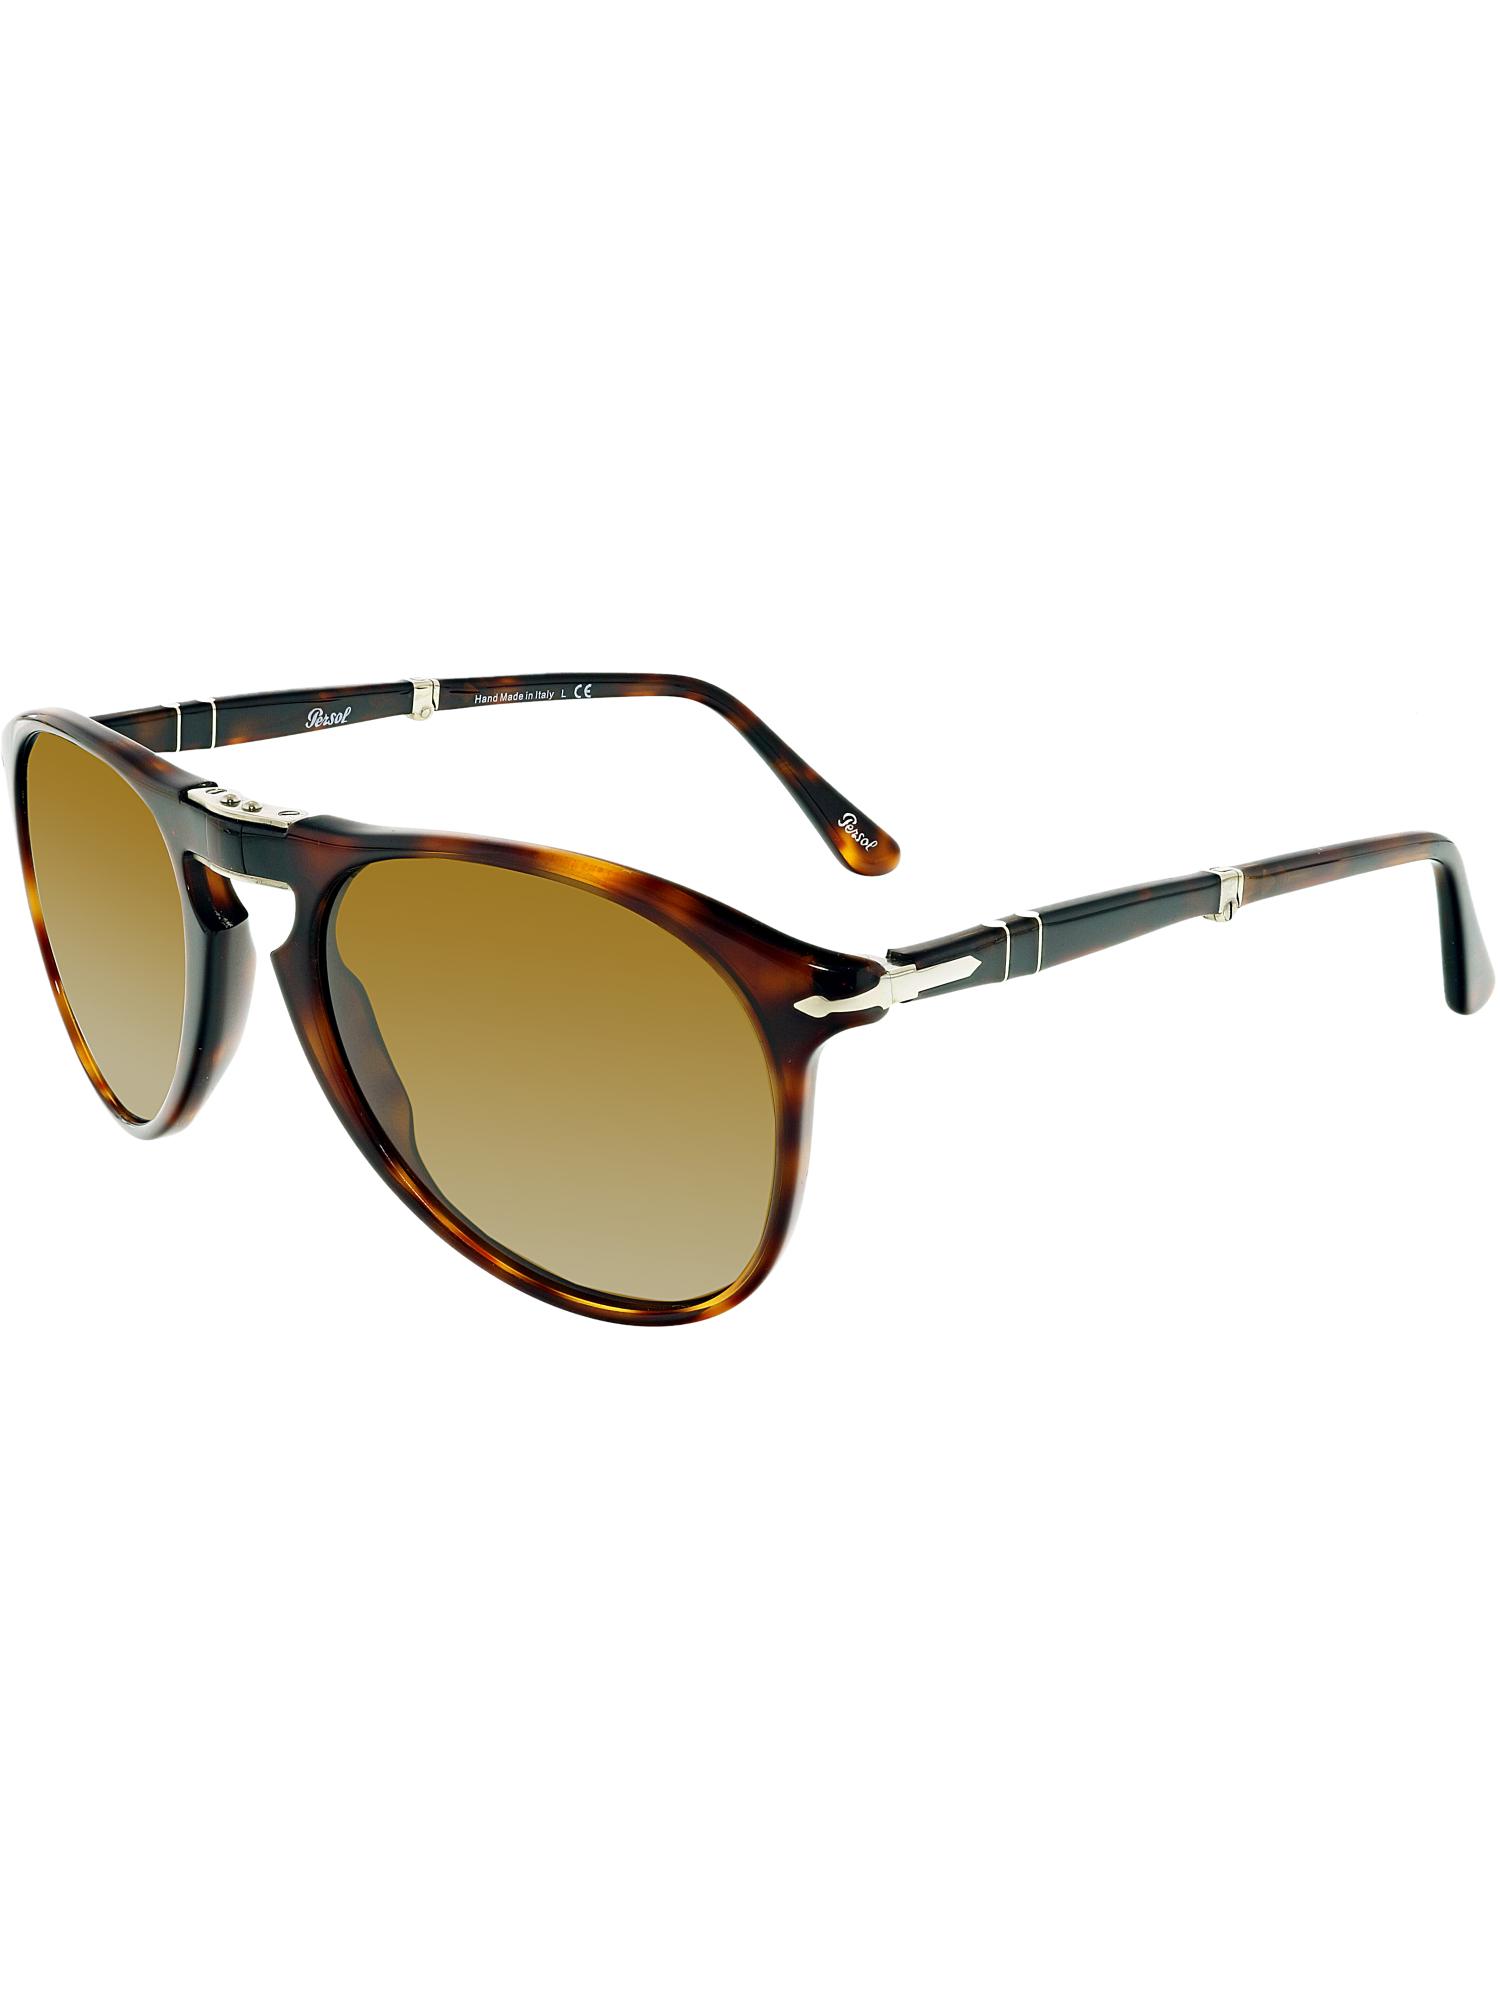 105d8c744f Persol Men s PO9714S-24 33-52 Brown Oval Sunglasses